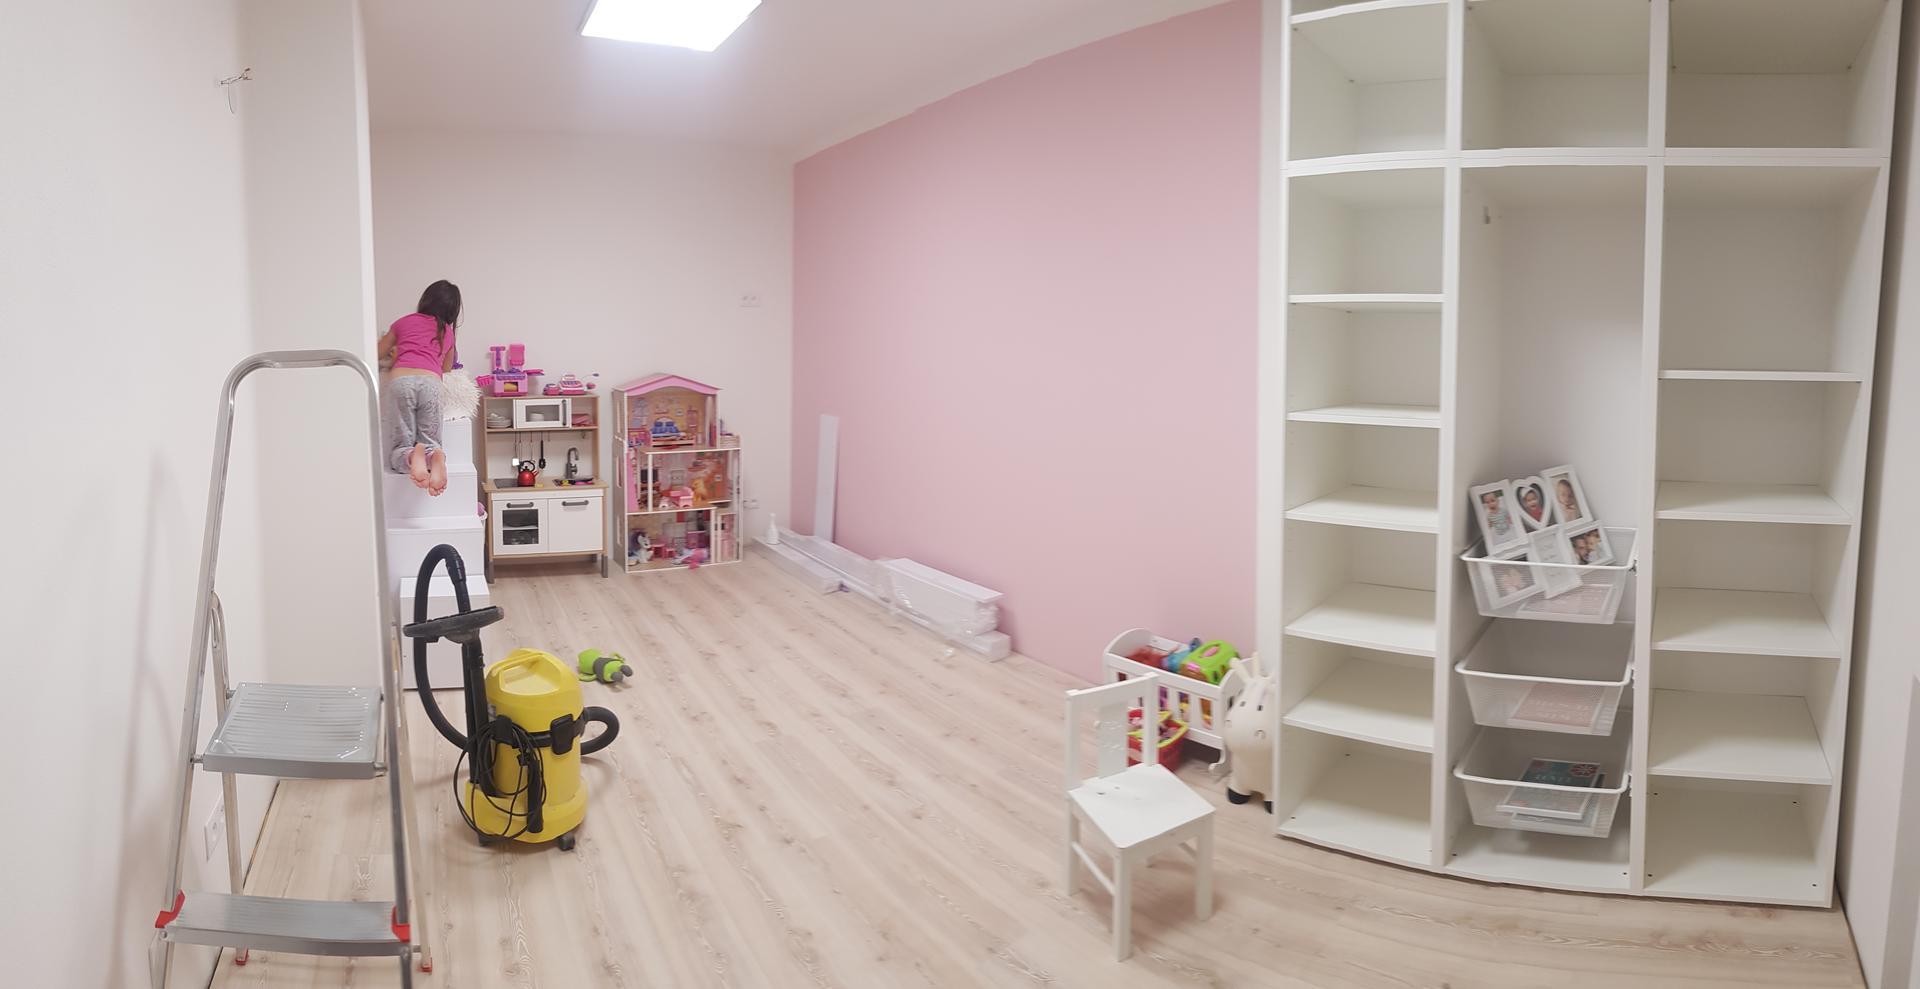 Naša rekonštrukcia - nábytok bude kombinovaný so smrekovou dýhou, na ktorú este čakáme